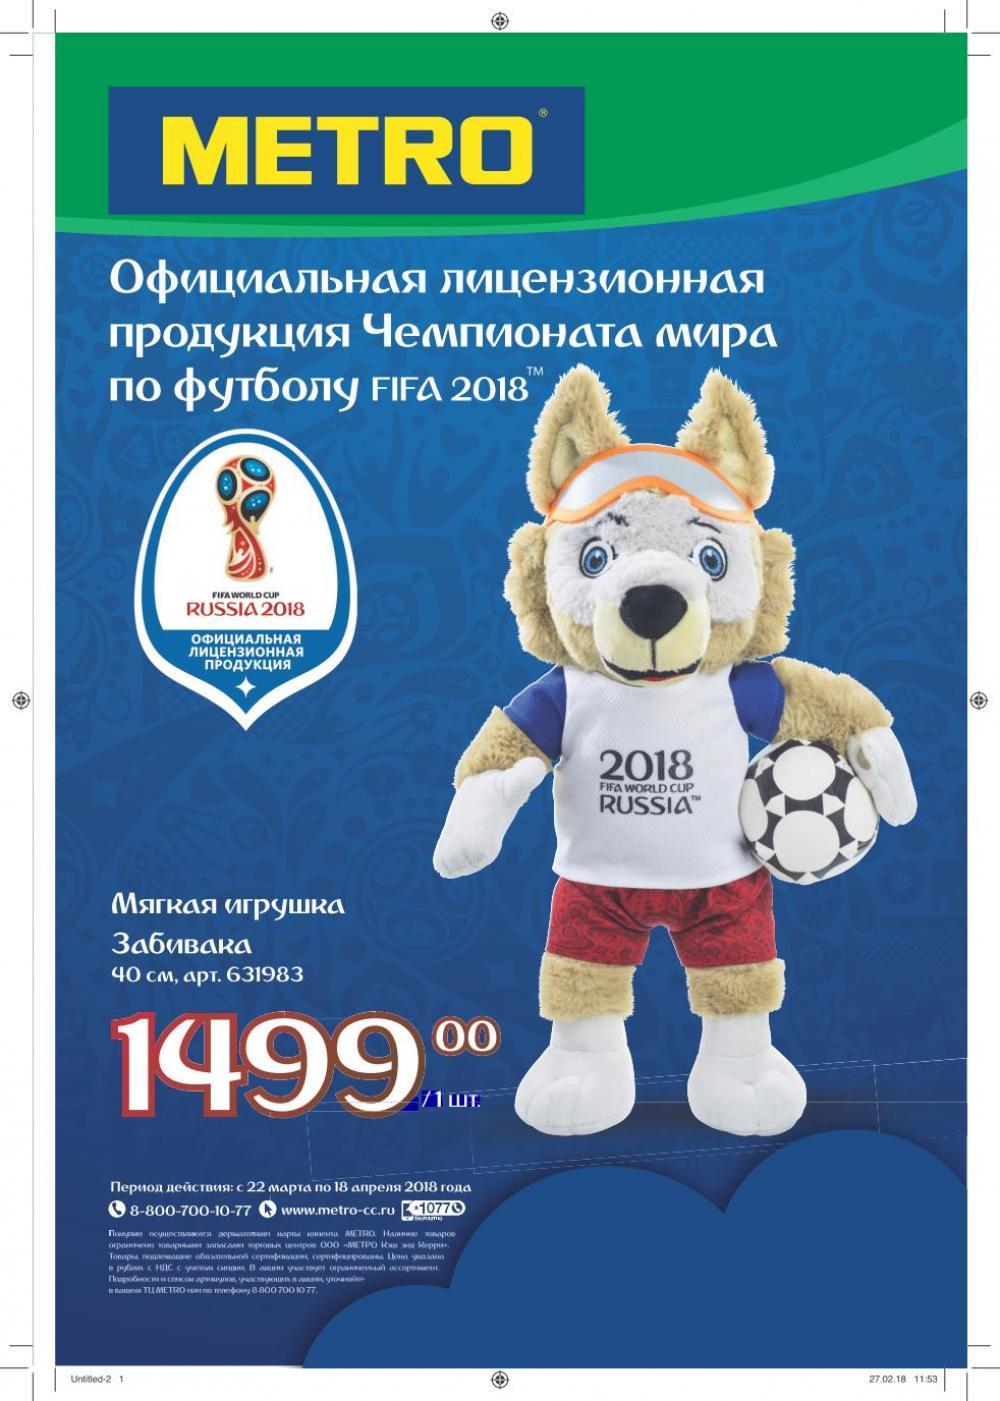 Акции на сувениры к чемпионату мира по футболу в России 2018 в магазине Метро